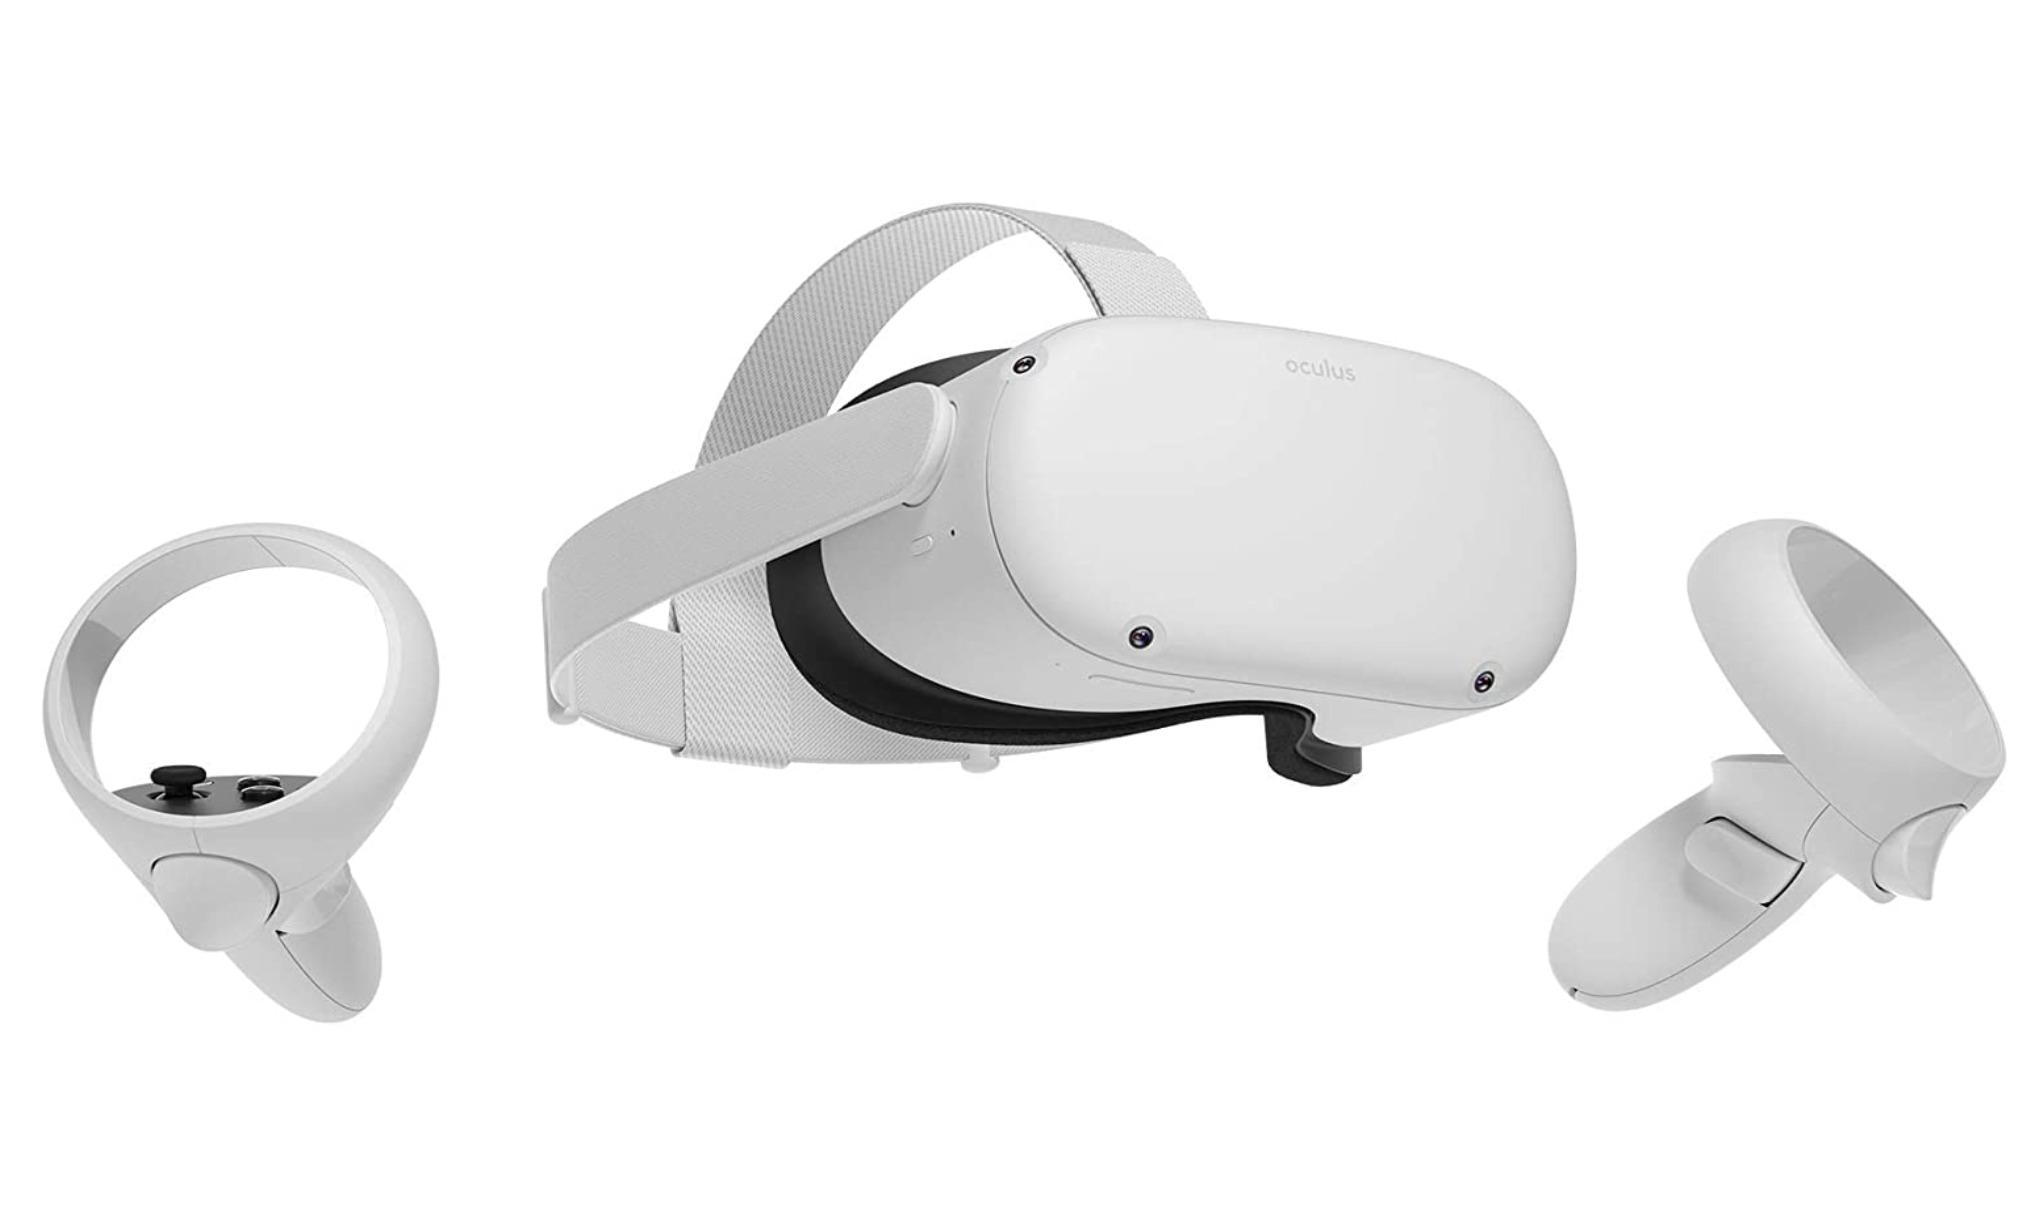 現実以上。PCいらずで楽しめるVRヘッドセット「Oculus Quest 2」の魅力